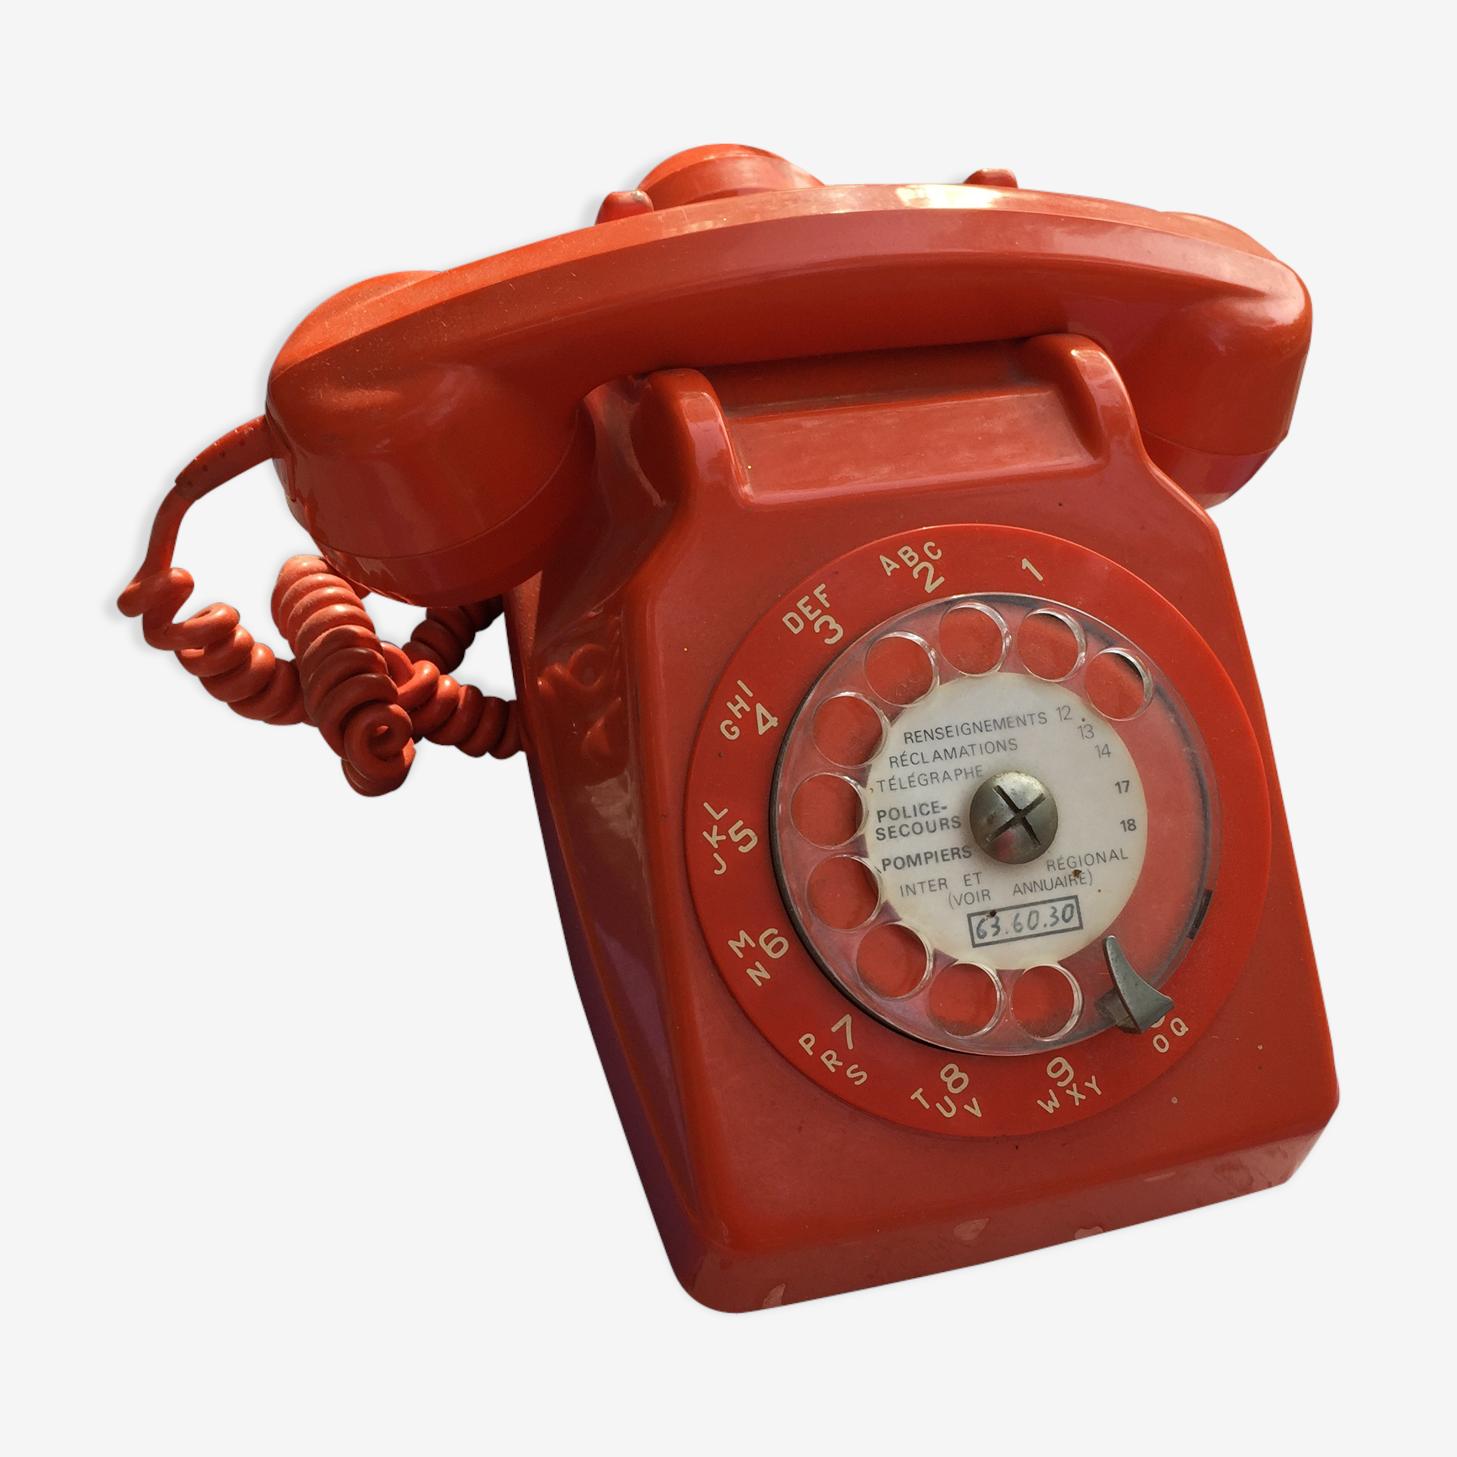 Télephone des années 1970